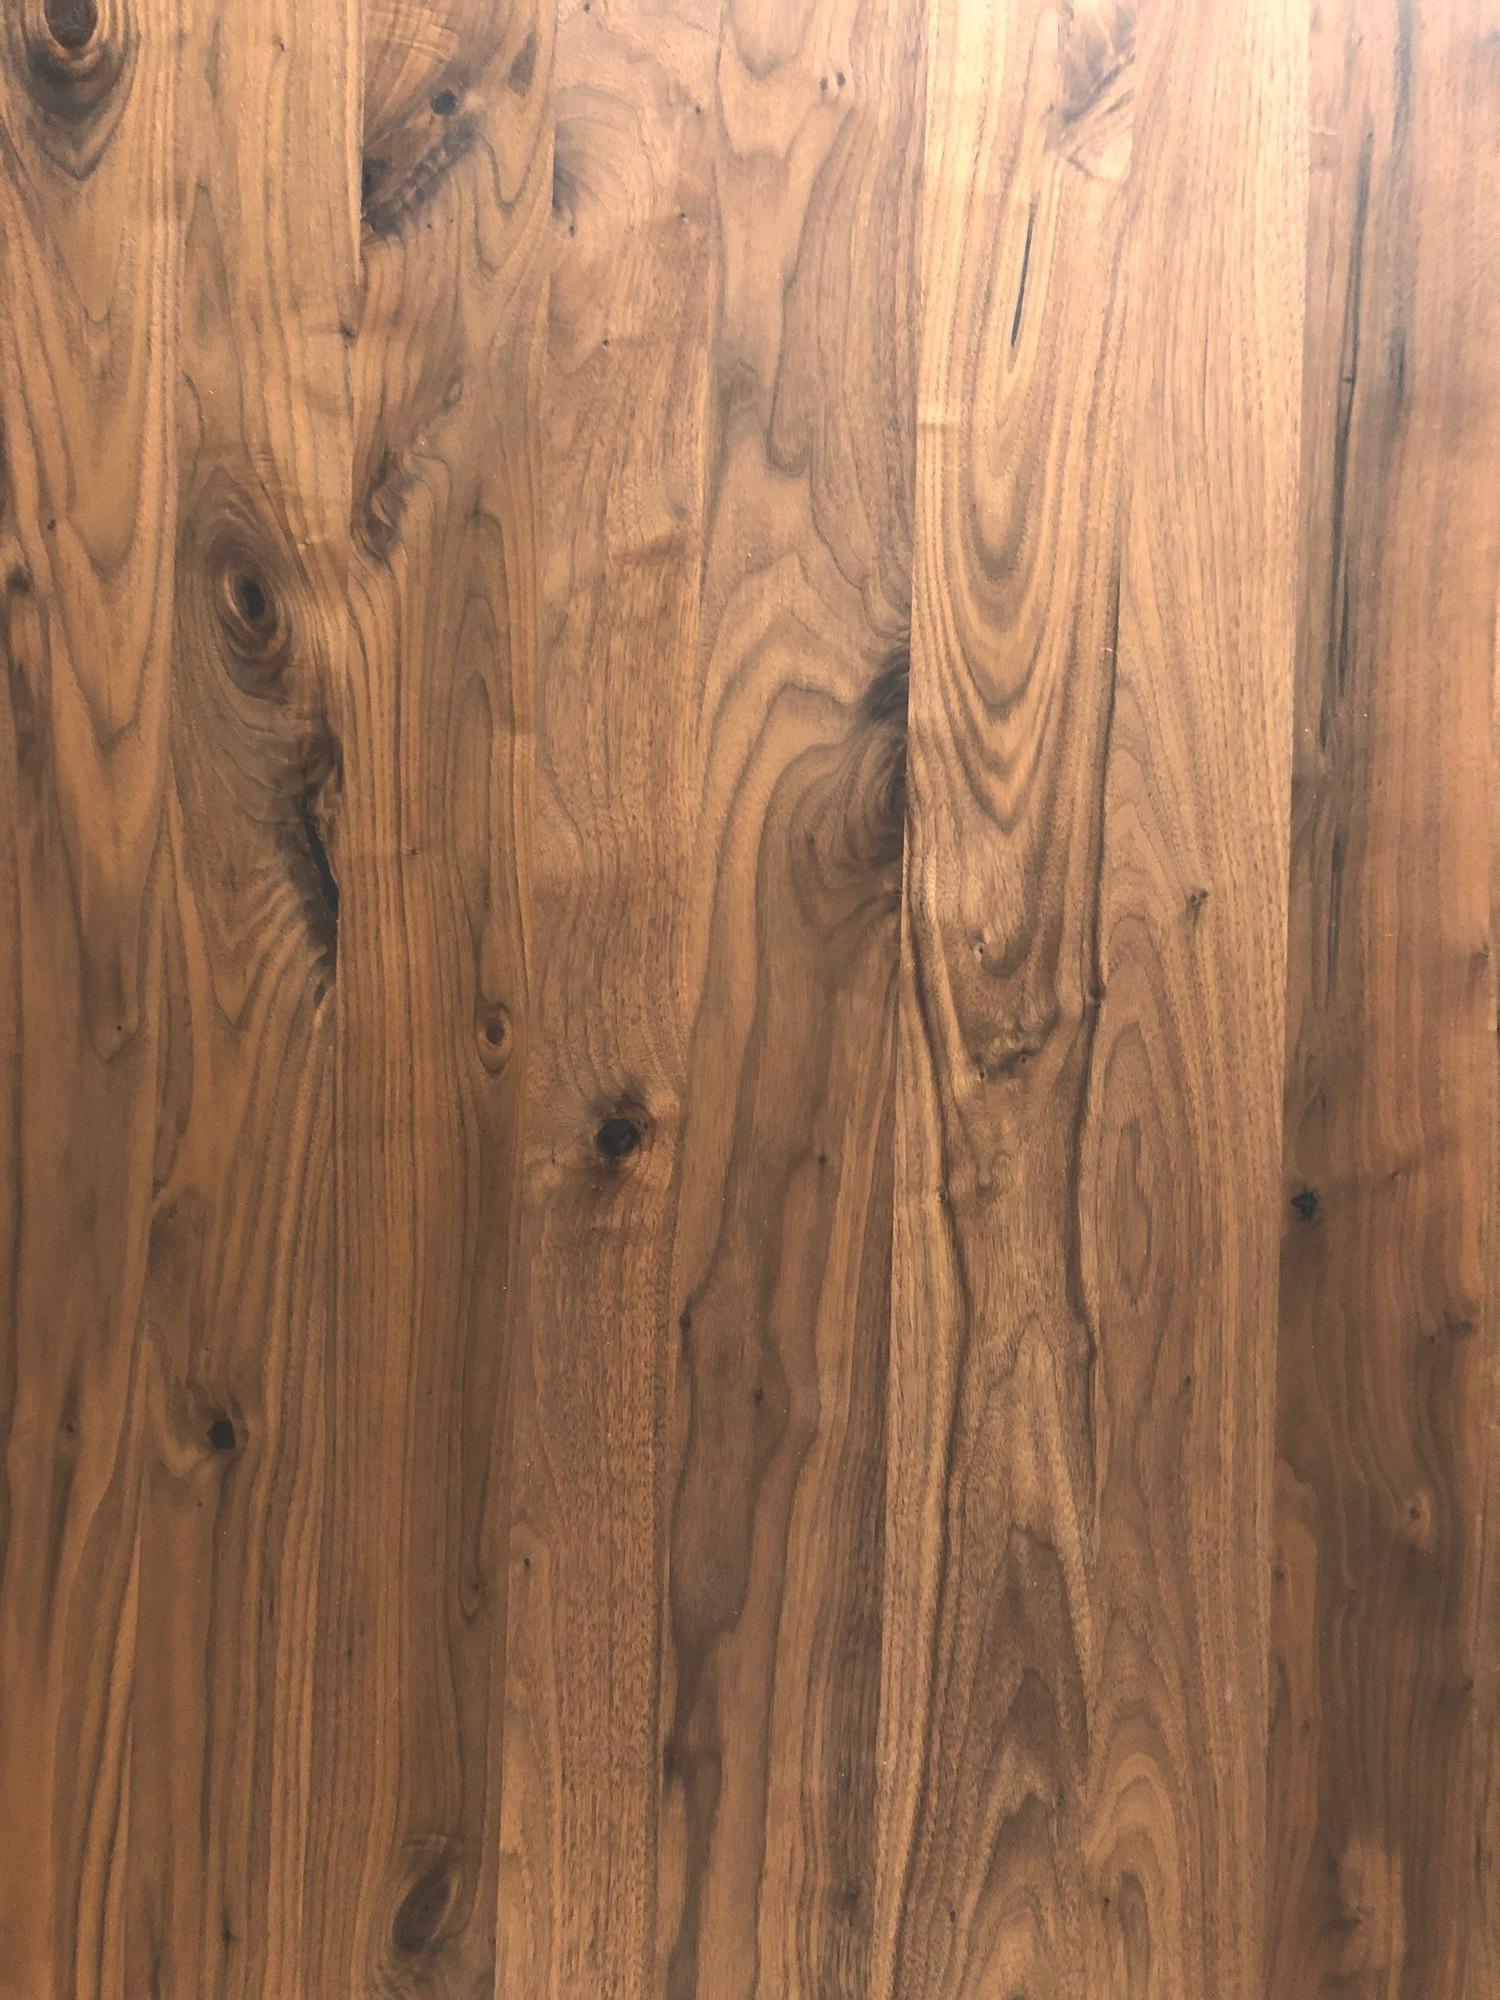 1534950124-essen-clone-massivholztisch-zeus-100x200-nussbaum_0.jpeg